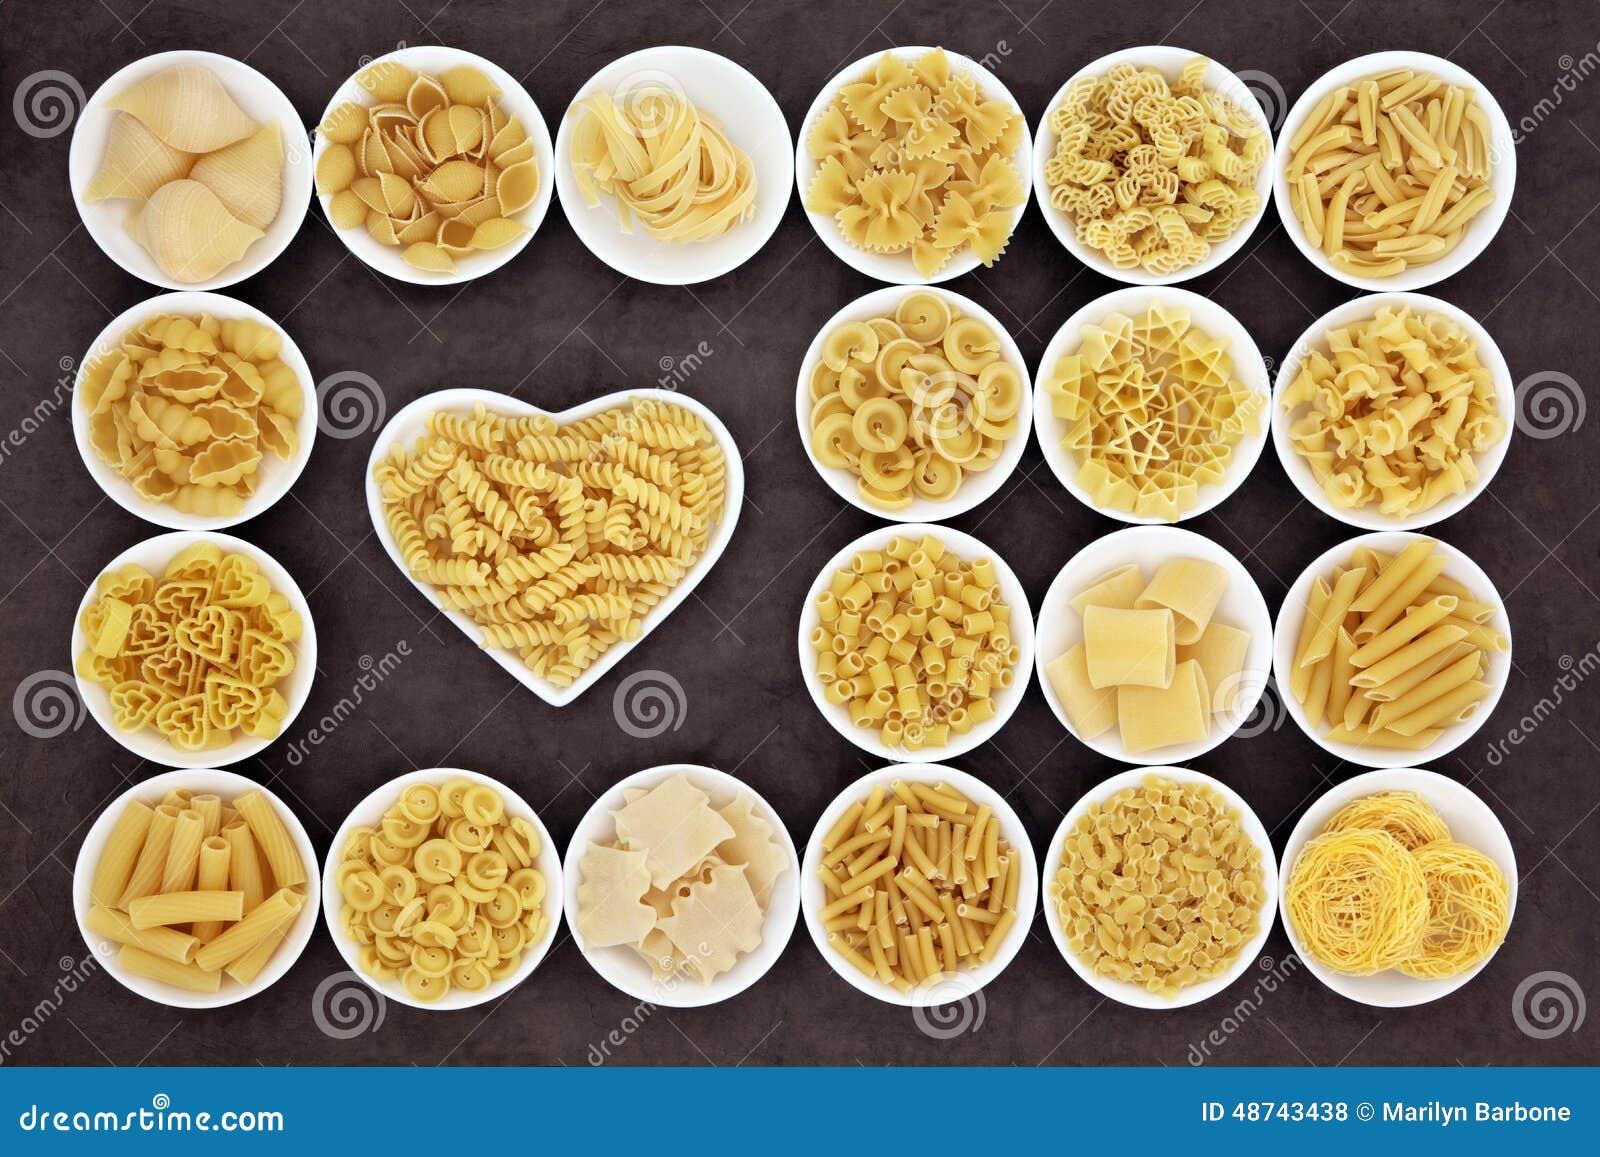 Jag älskar pasta